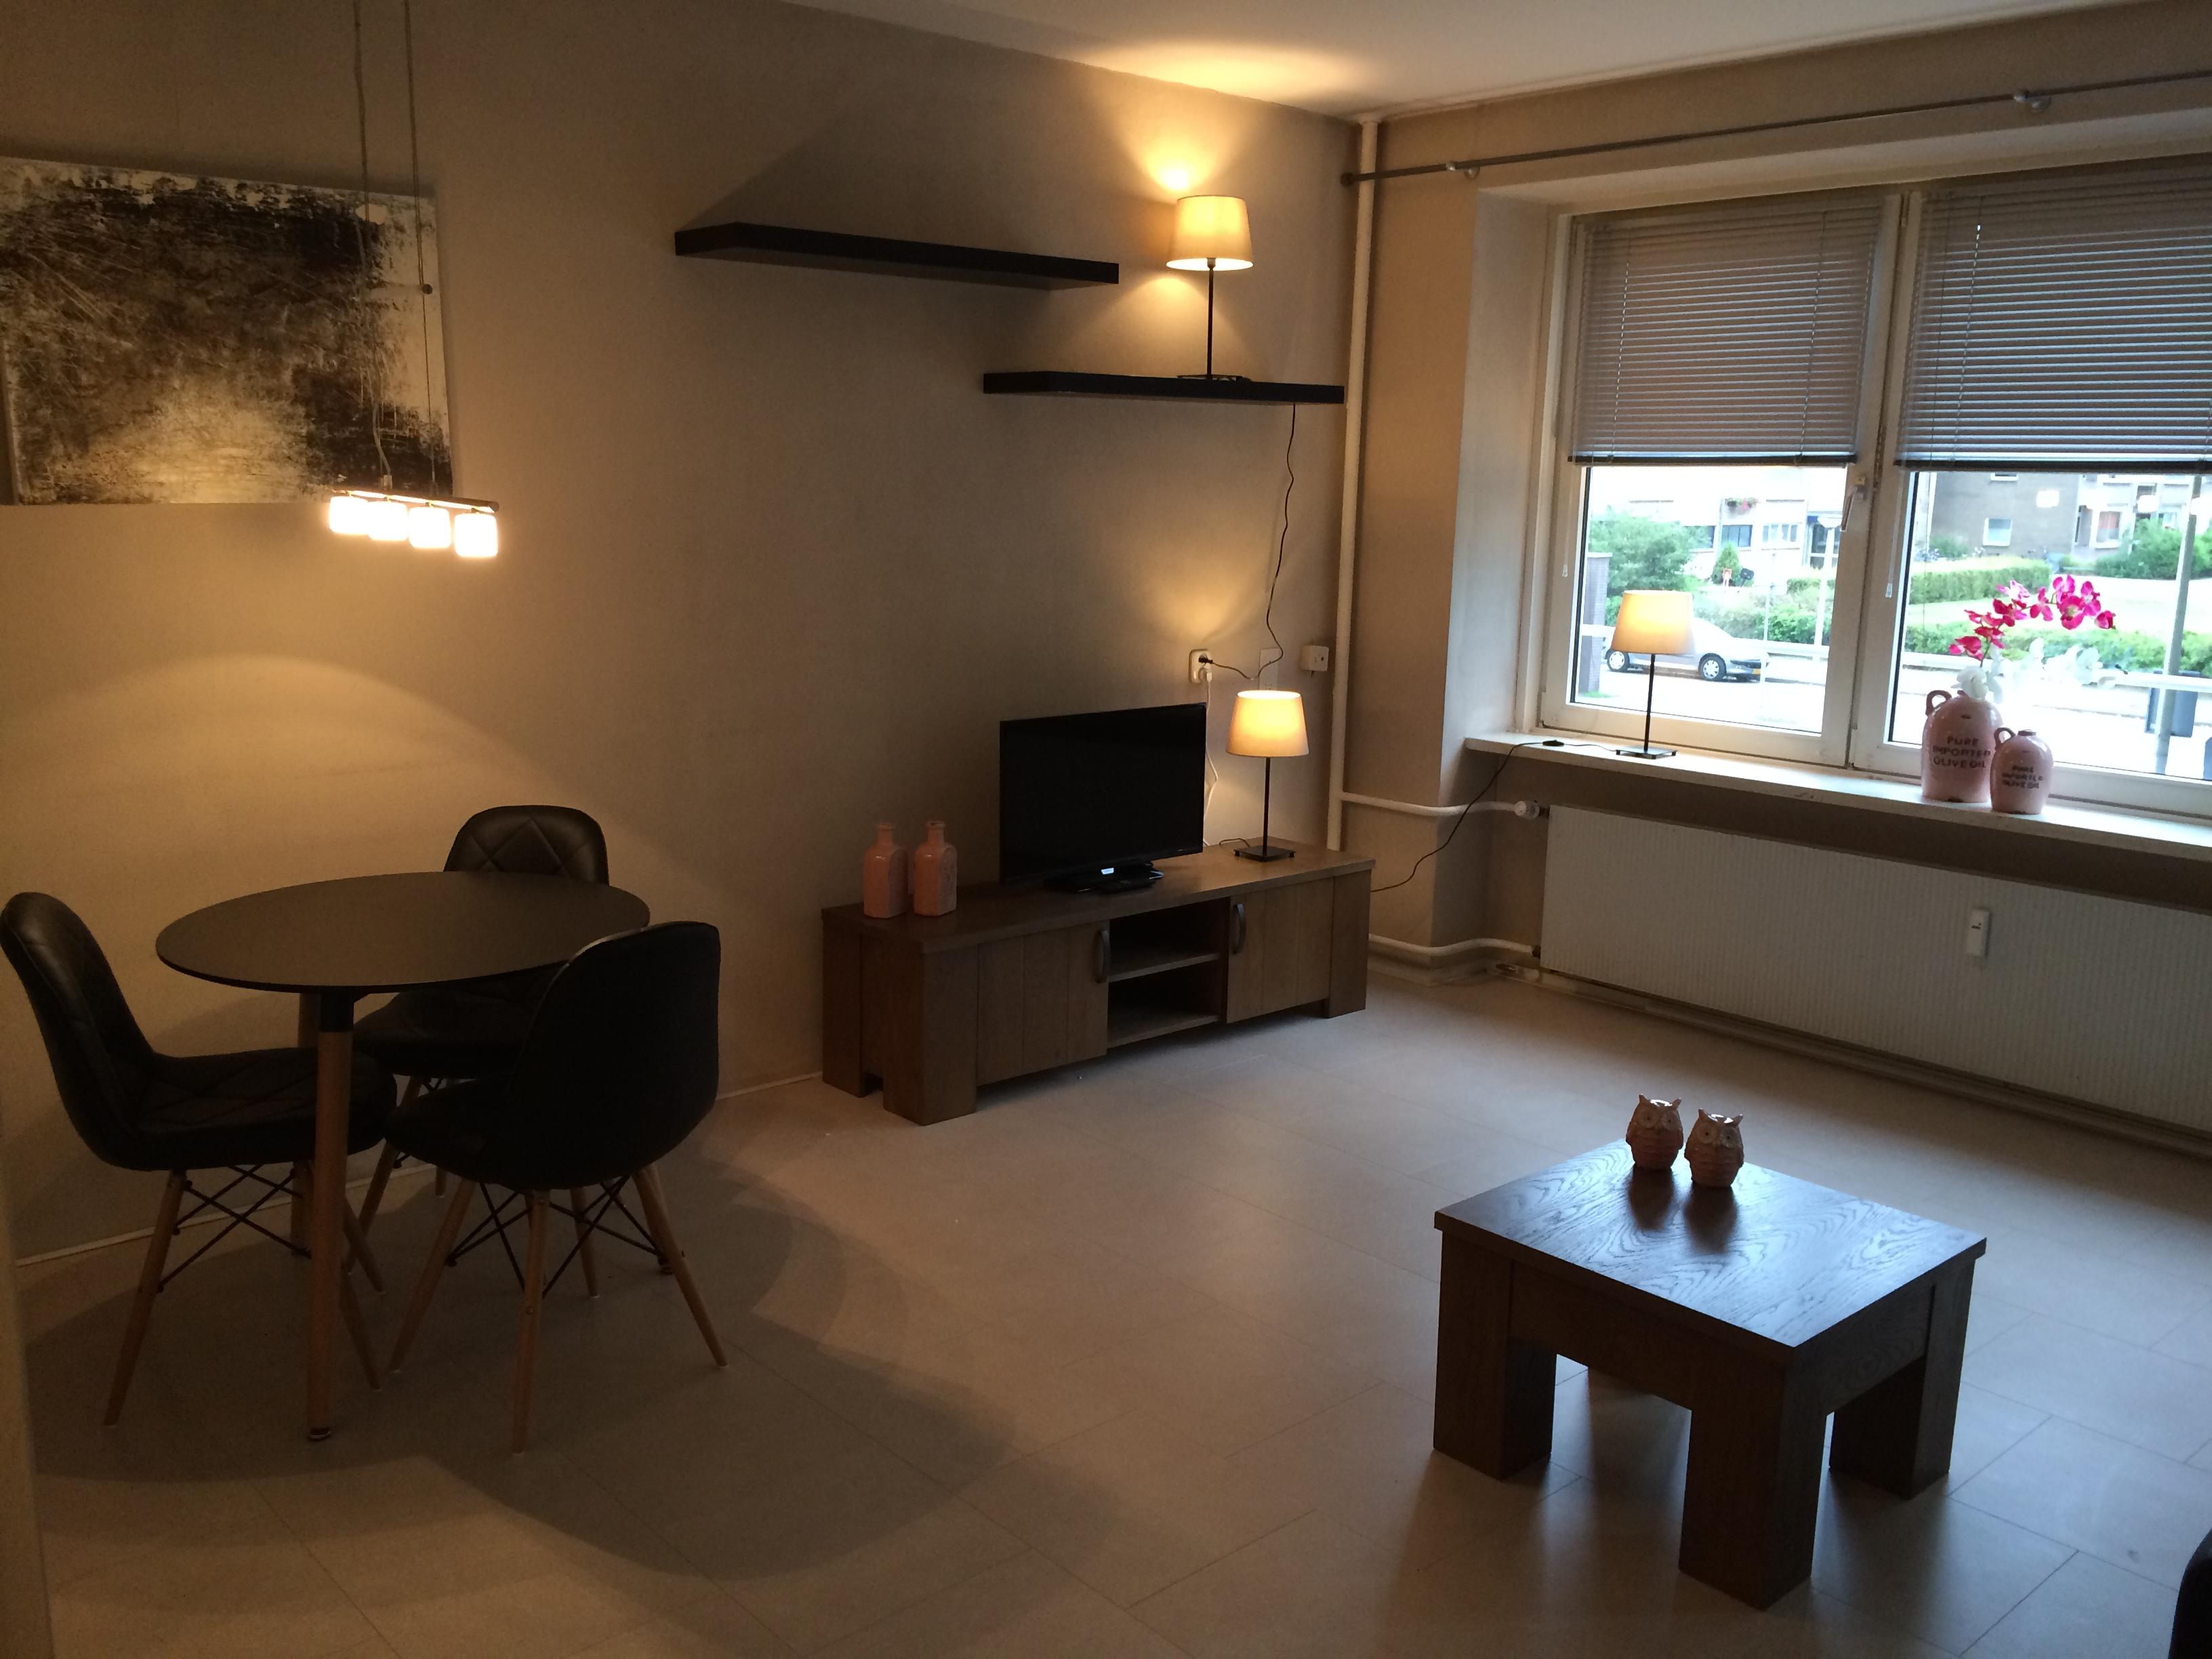 Te huur 2033 gemeubileerd appartement dichtij het centrum en de universiteit van enschede - Gemeubileerde woonkamer ...